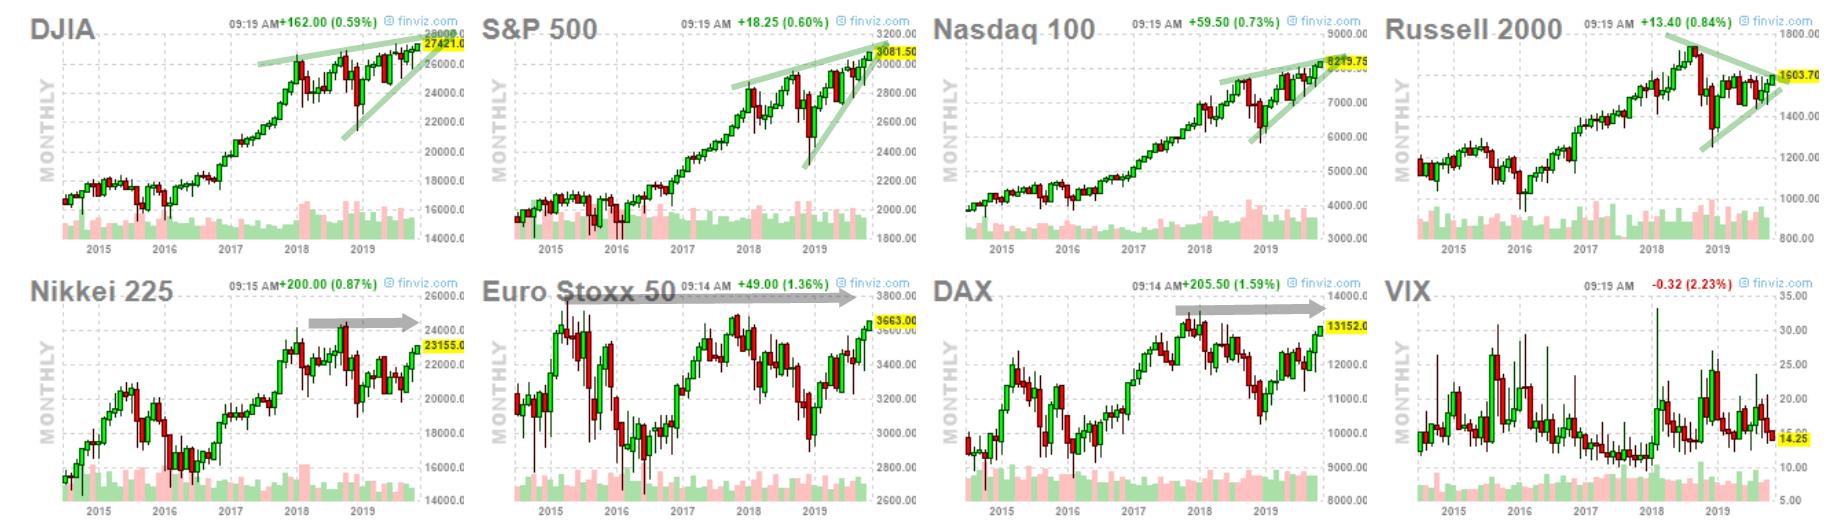 En subida libre los indices referenciales USA